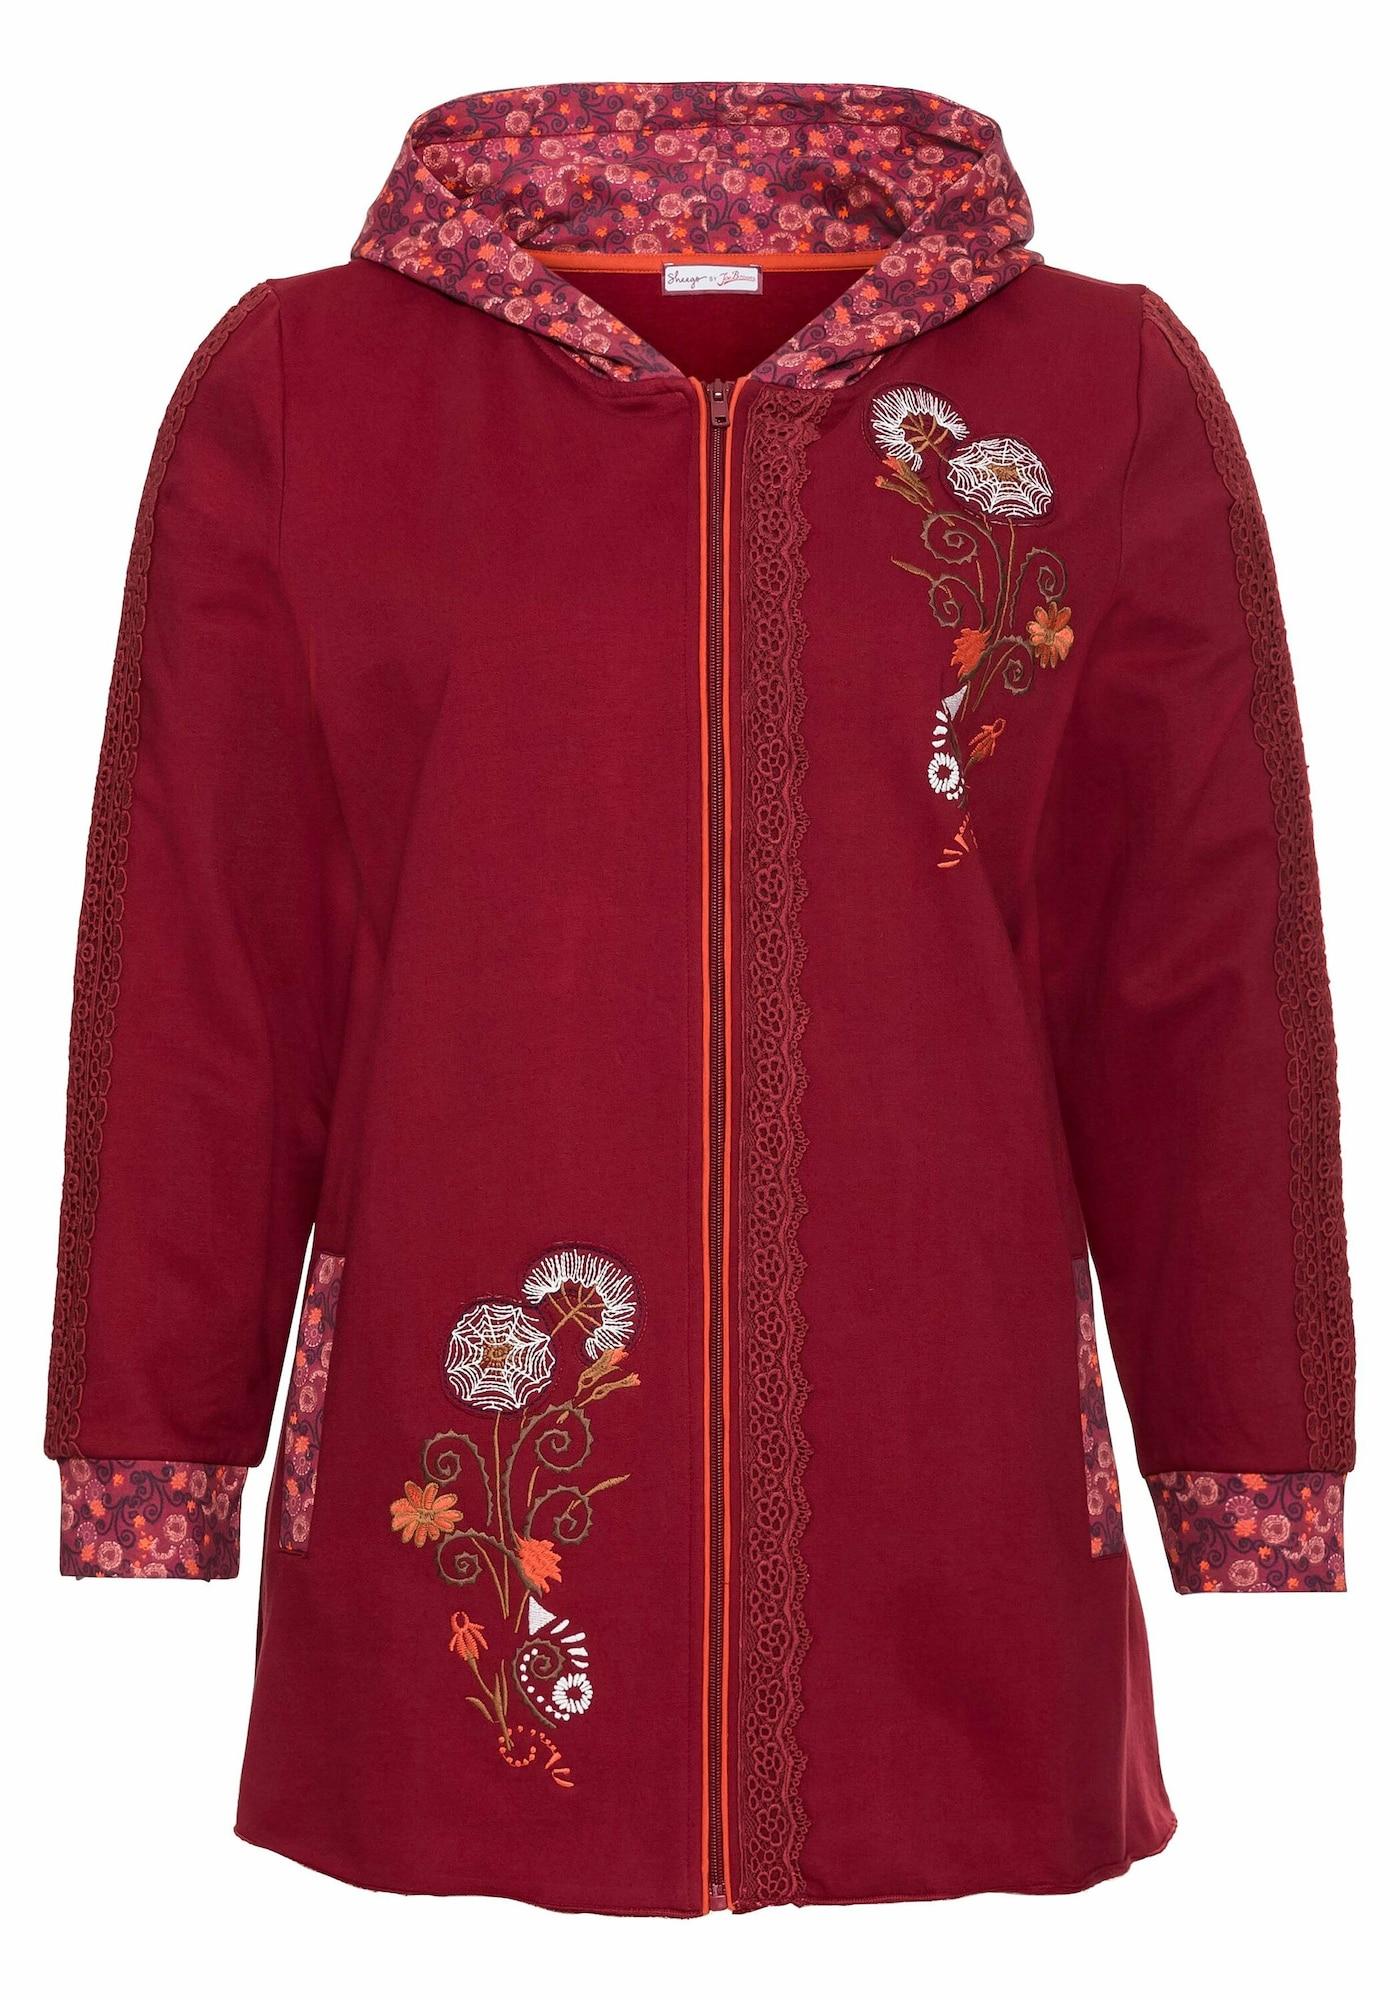 SHEEGO Džemperis rubinų raudona